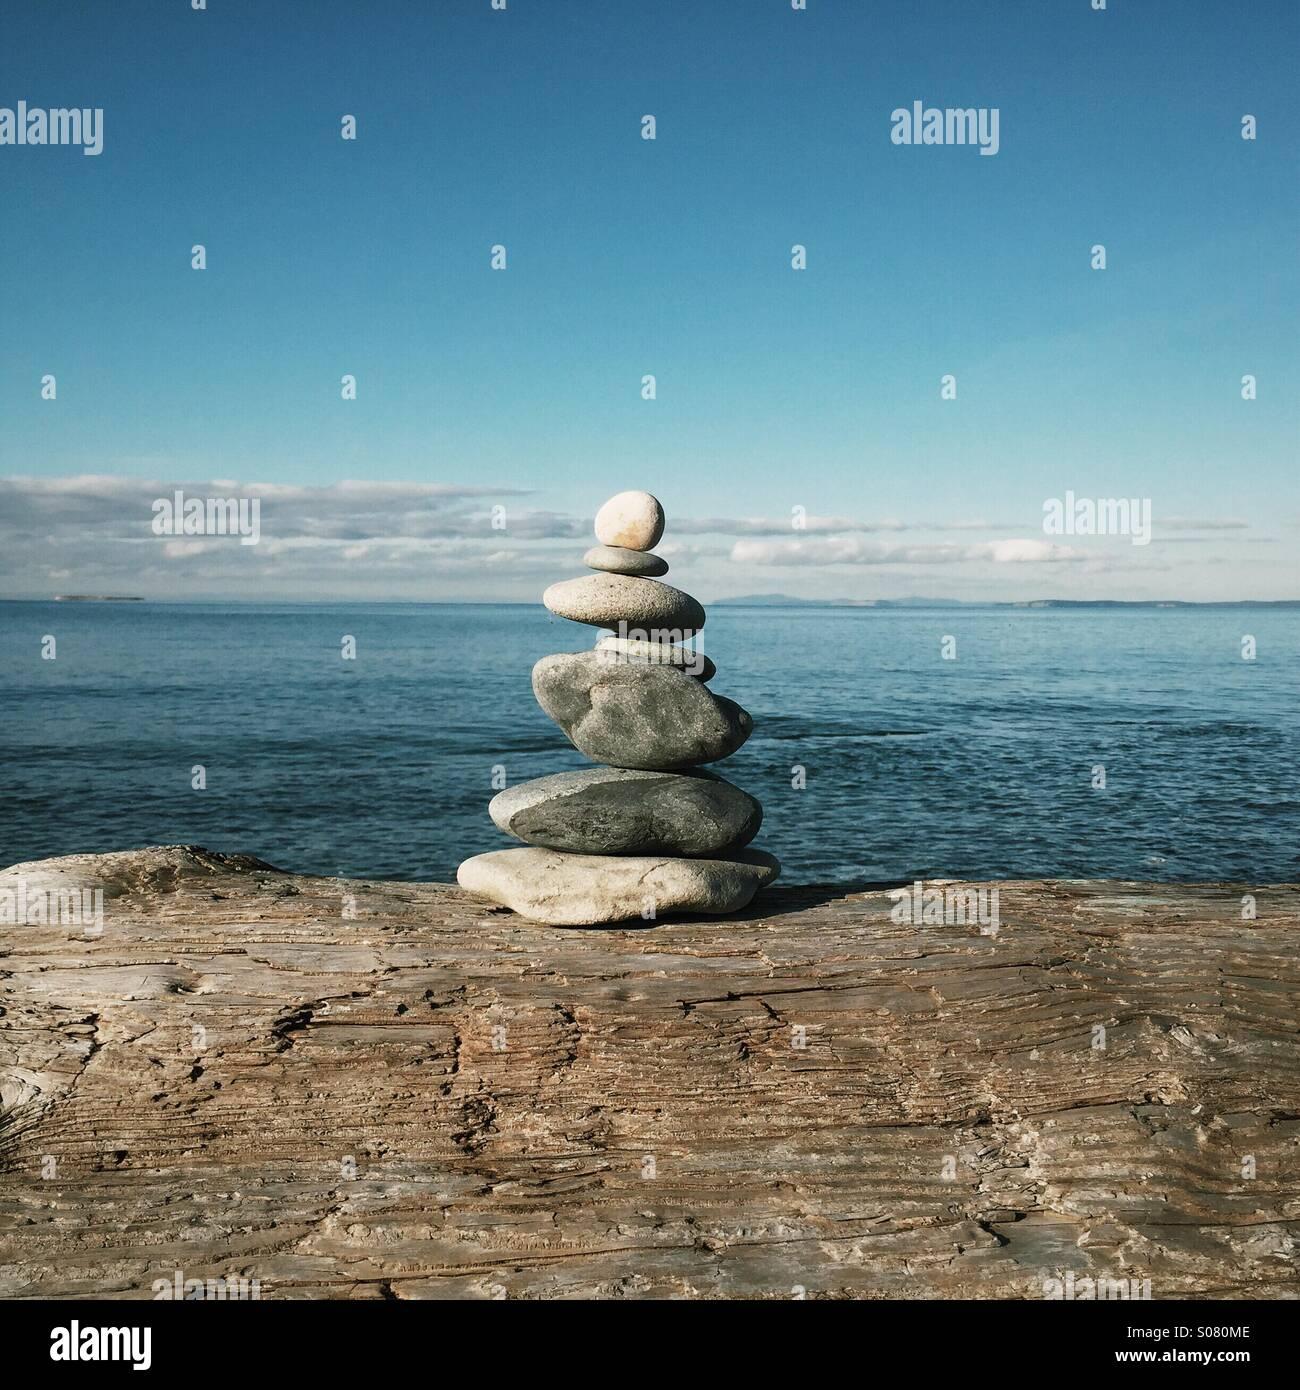 Il tumulo di impilati o pietre equilibrata seduti sul driftwood presso la spiaggia. Immagini Stock